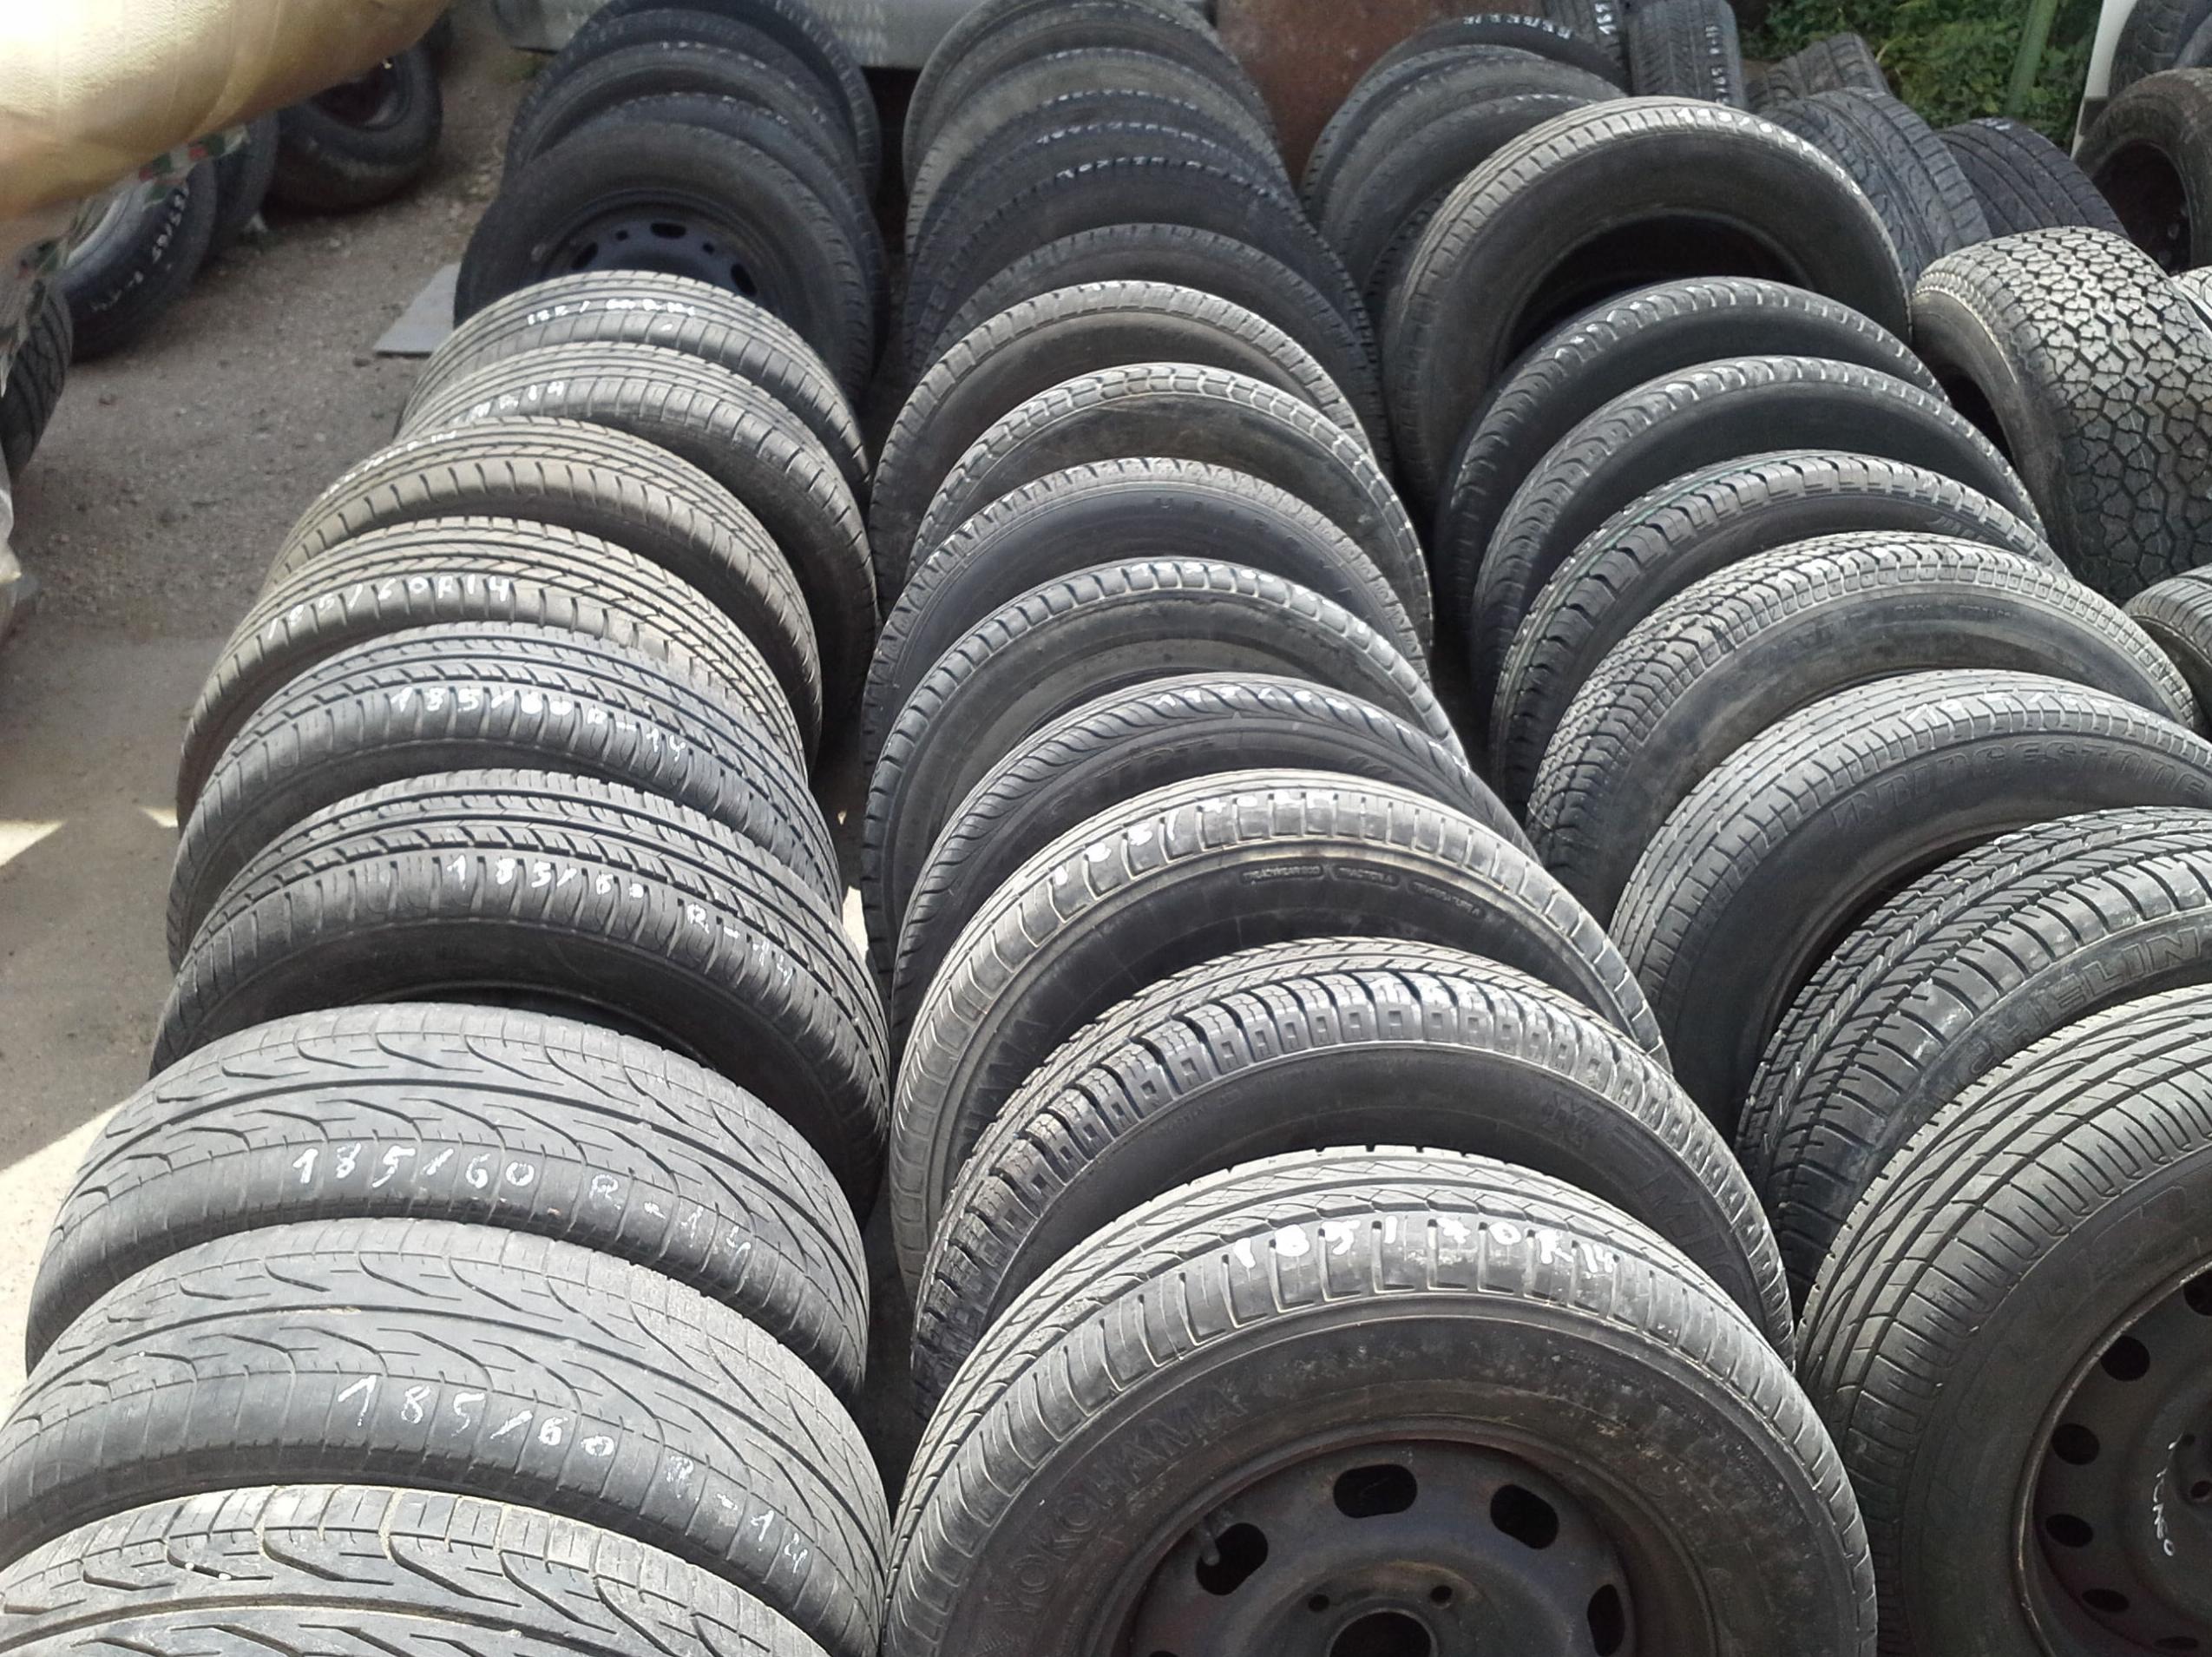 Venta de ruedas usadas en Desguaces Clemente de Albacete